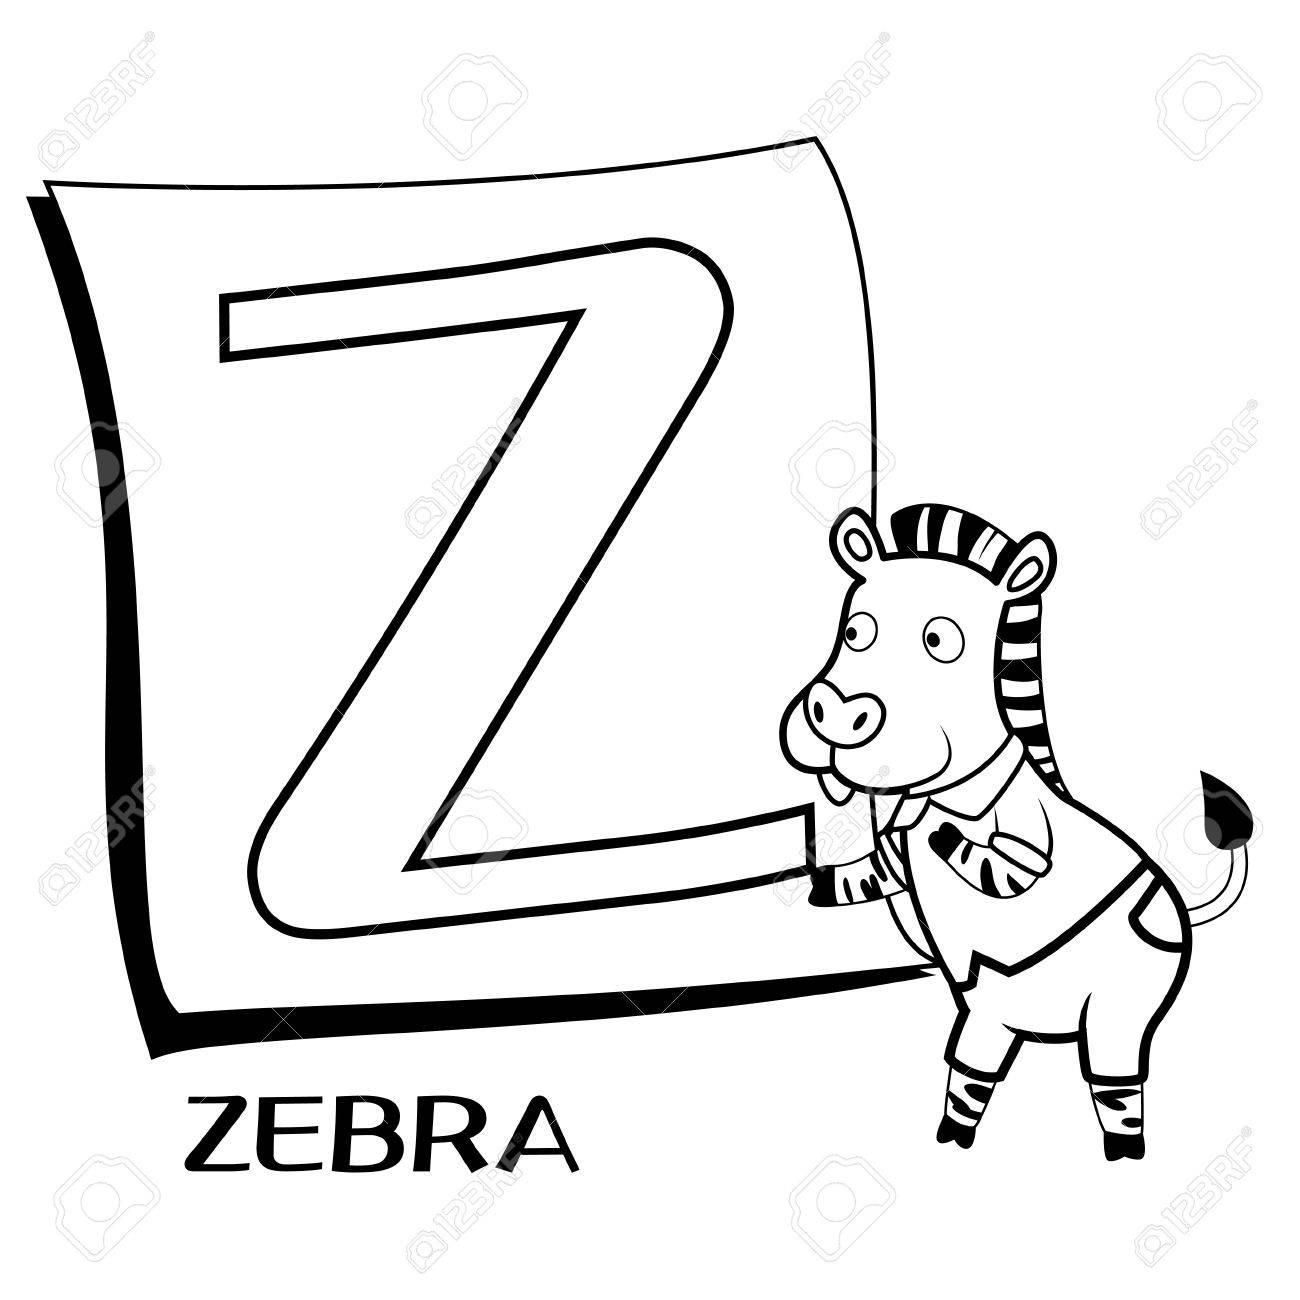 Vettoriale Alfabeto Da Colorare Per Bambini Z Con Zebra Image